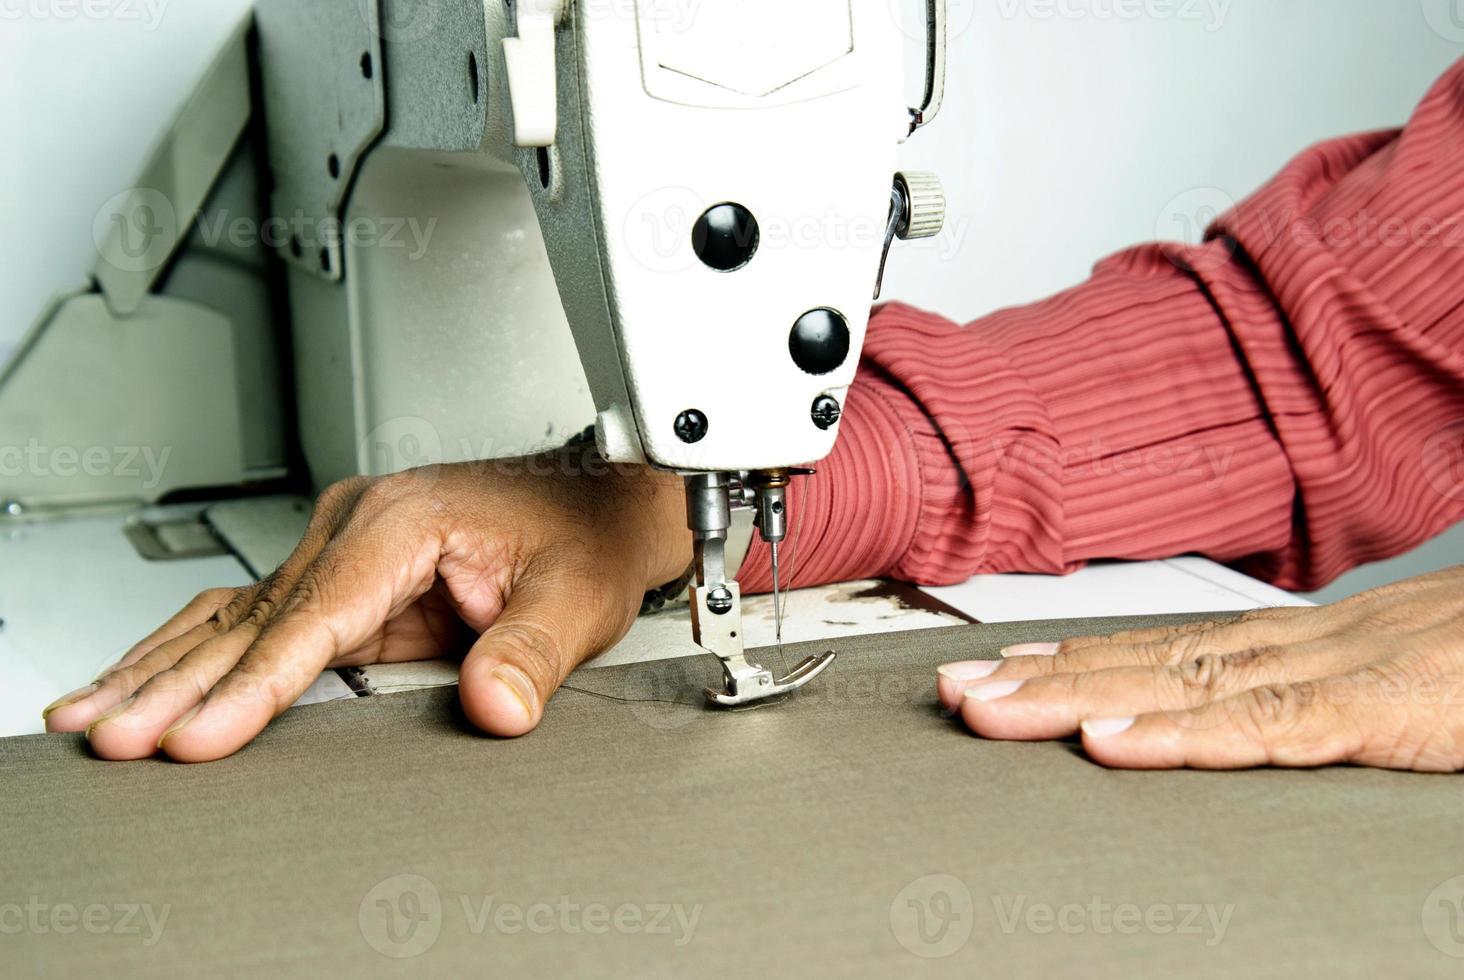 händerna arbetar en symaskin foto